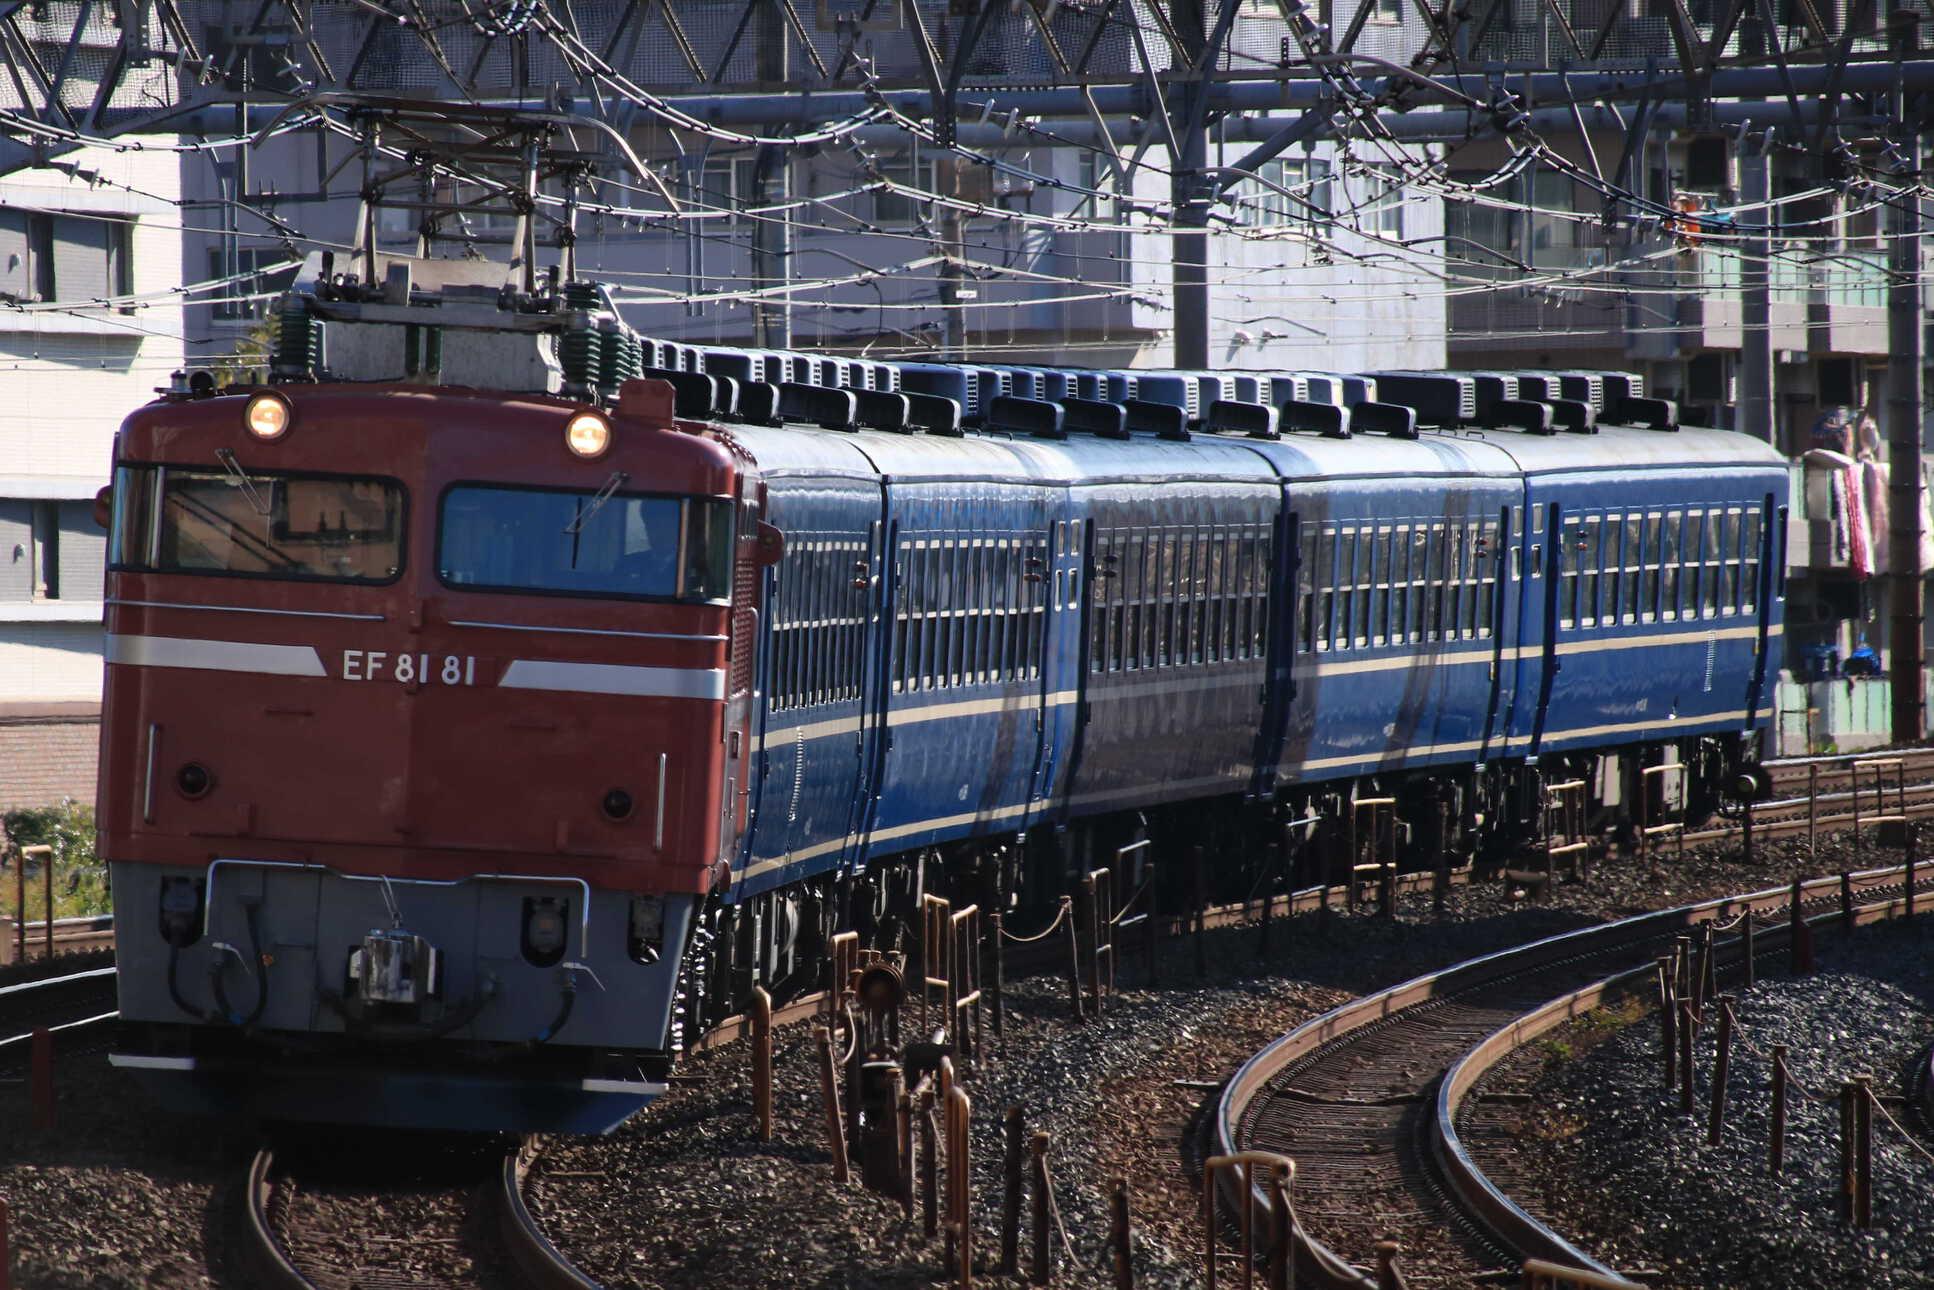 回9135列車 団臨(仙1203) 懐かしの急行列車で行く東京おとな旅 送り込み回送 EF81-81②[田]+12系 高タカ車5両